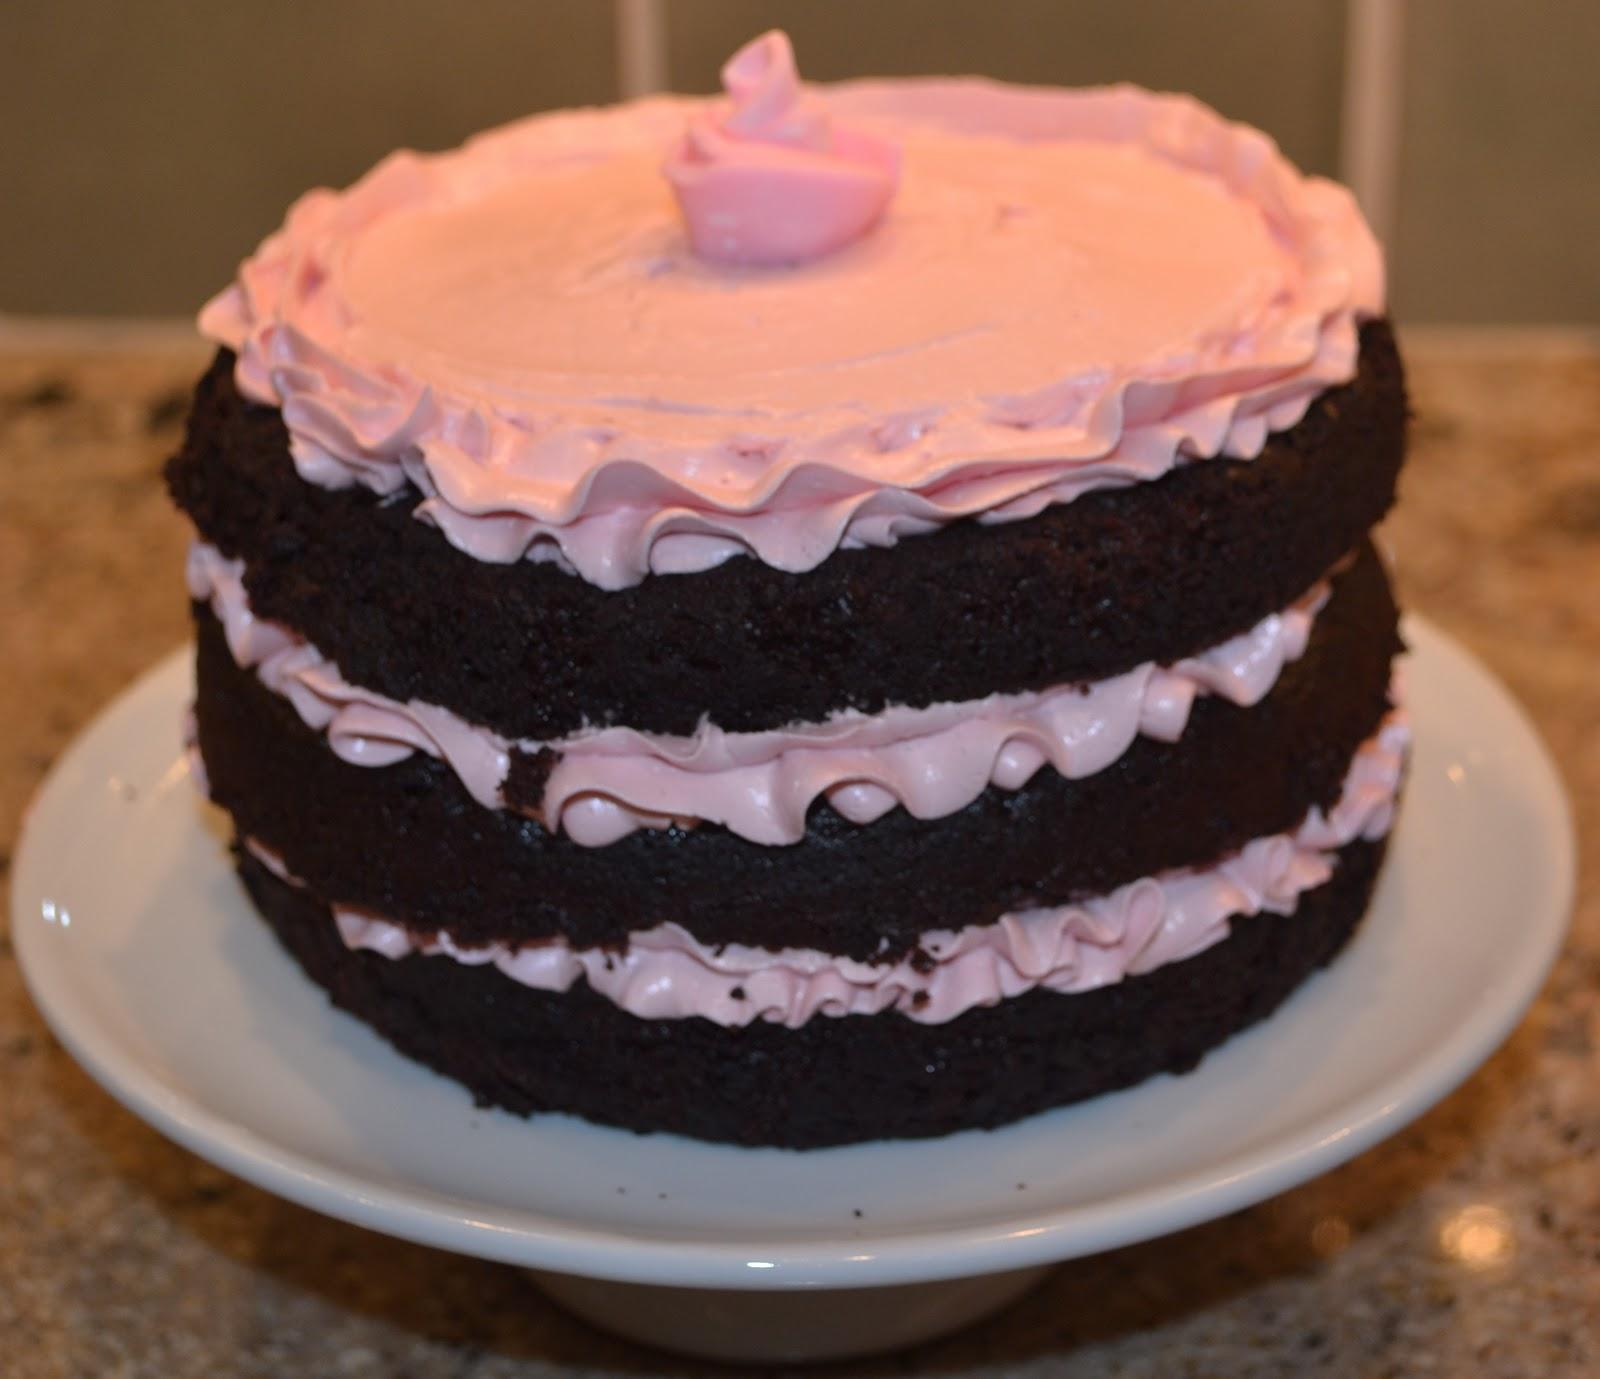 Best homemade birthday cake ever Treading Lightly